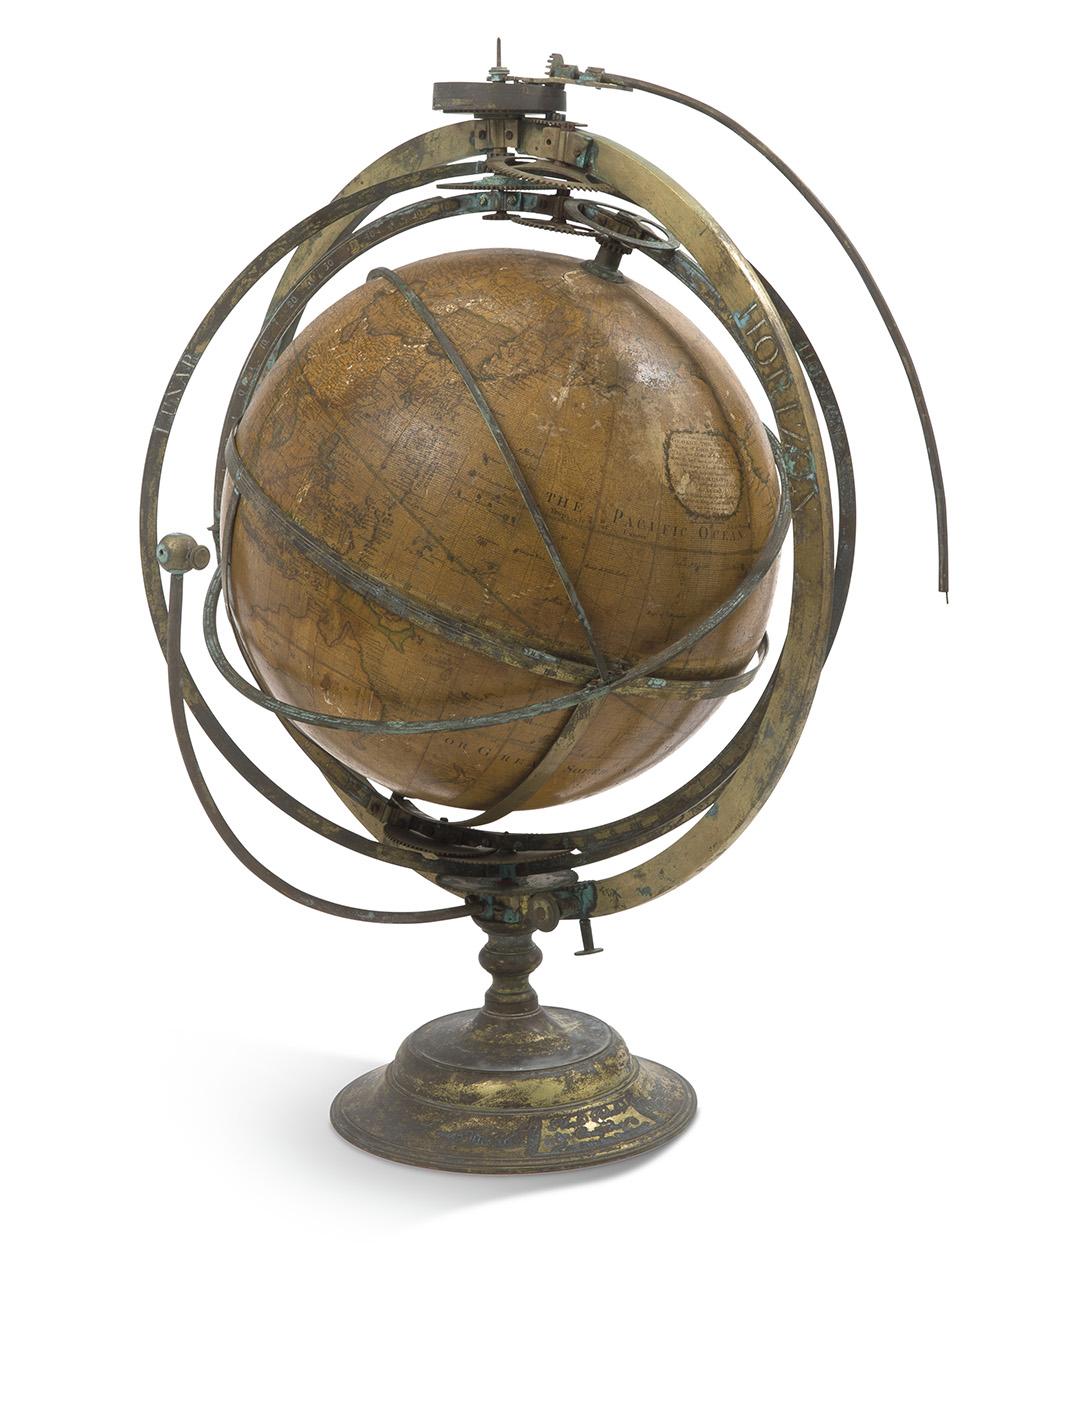 Angleterre, XVIIIesiècle. Suite de deux globes, l'un terrestre reproduit avec un cartouche dédié au roi GeorgeIII et la signature de G.